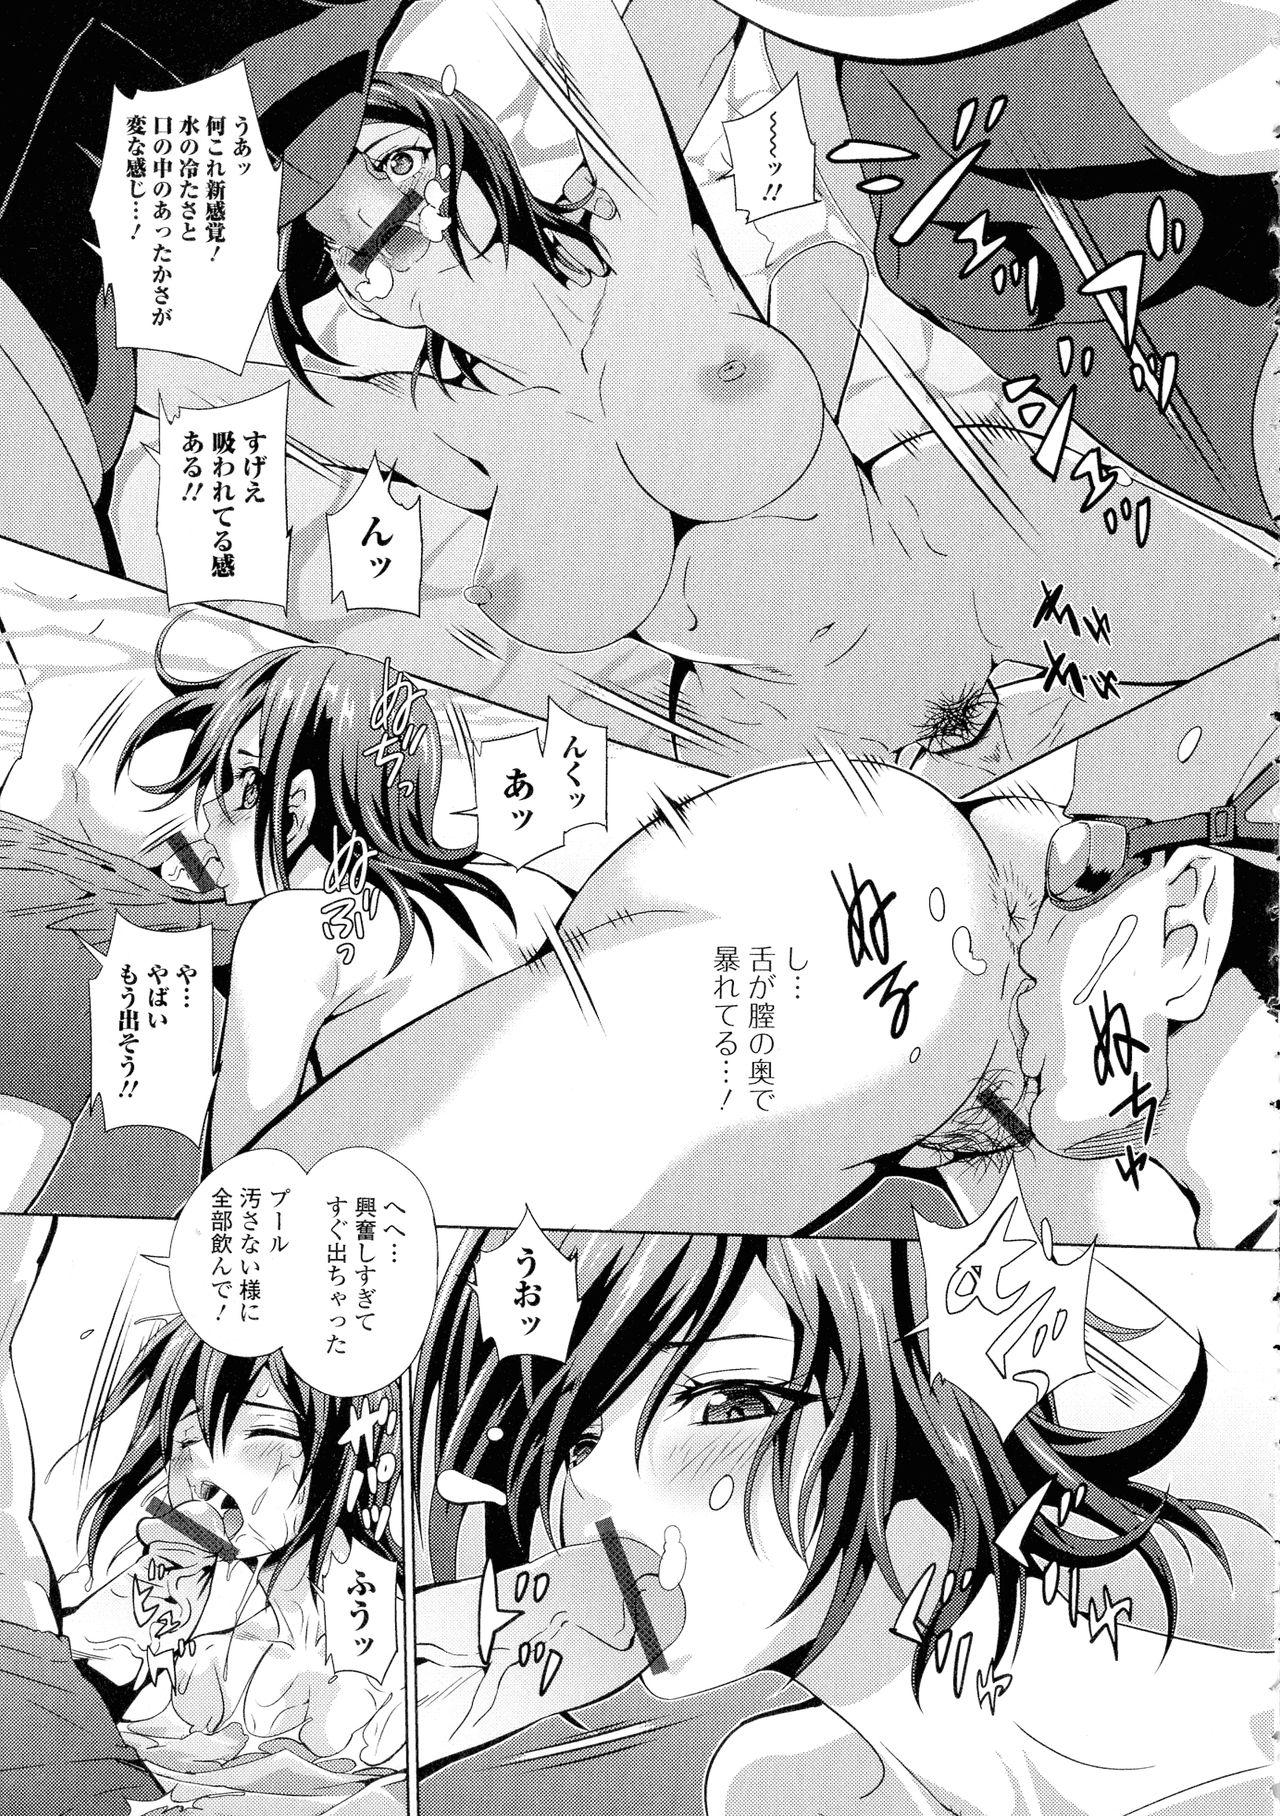 Futanari Tsunagari - Androgynos Sexual intercourse 167